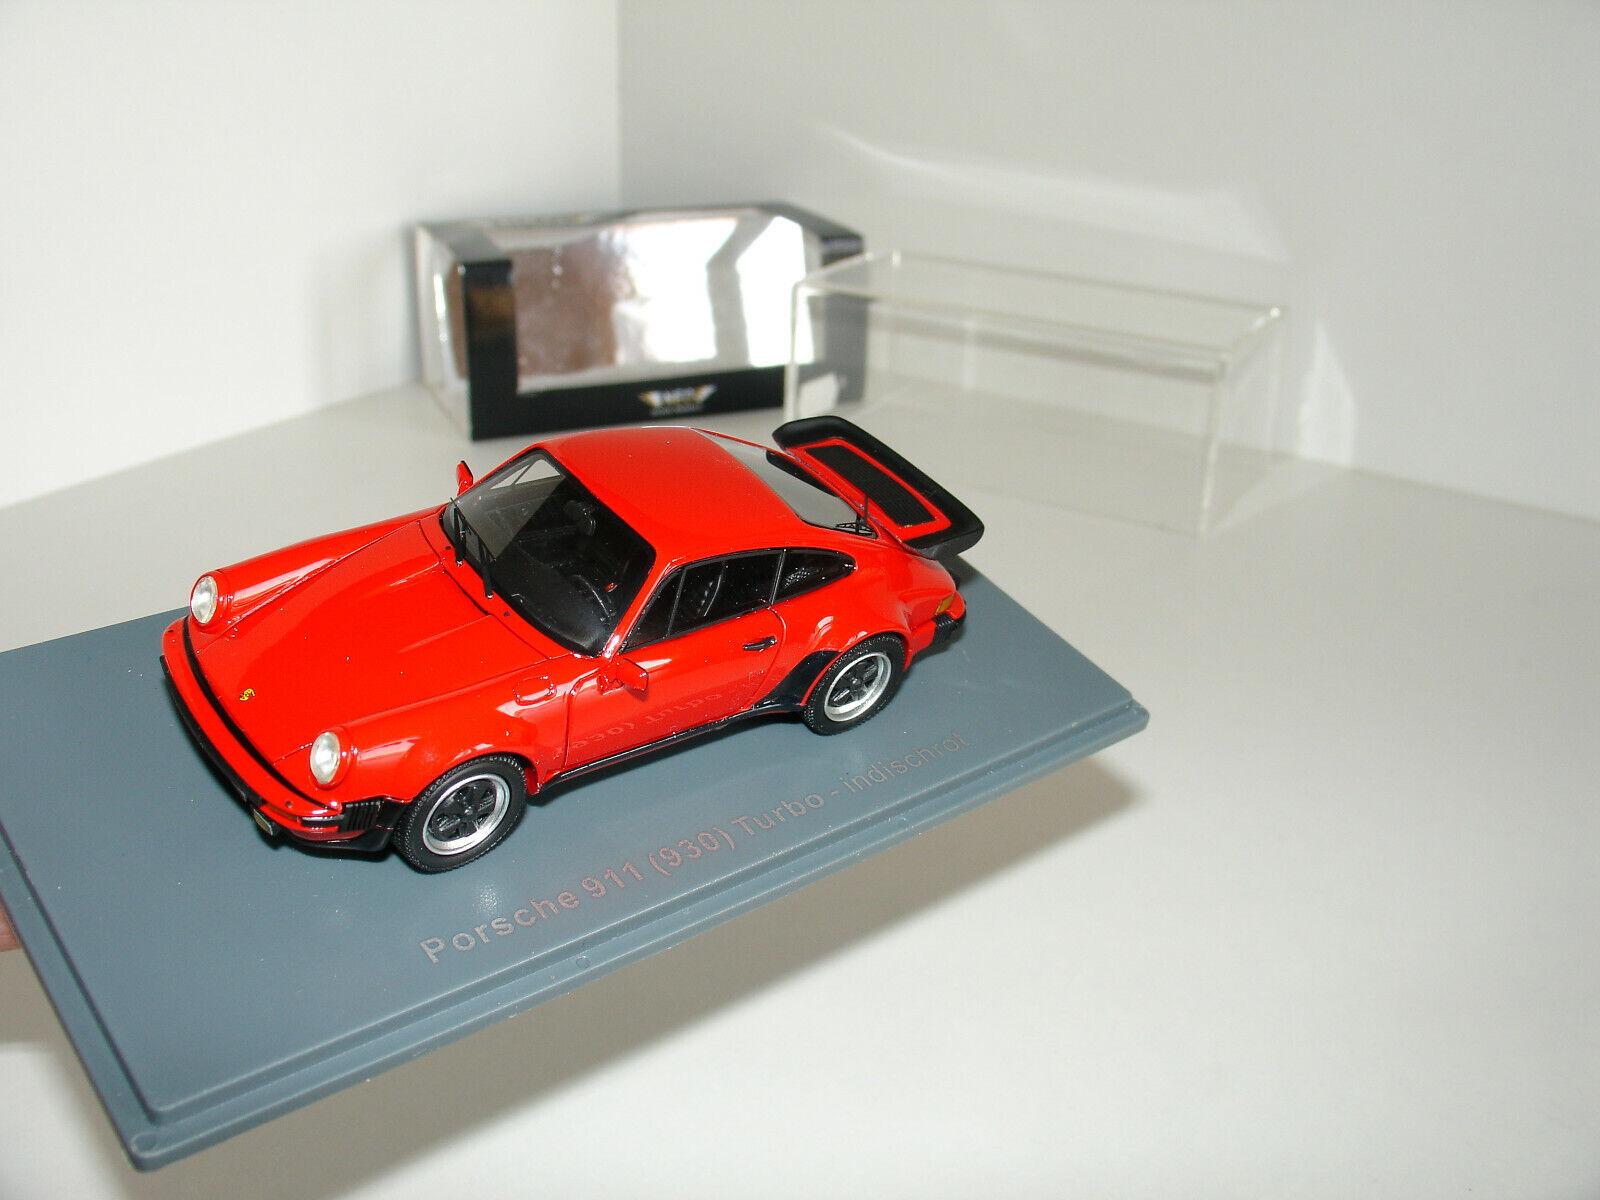 1 43 PORSCHE 911 (930) TURBO rosso L.E. 299pcs by NEO SCALE MODELS